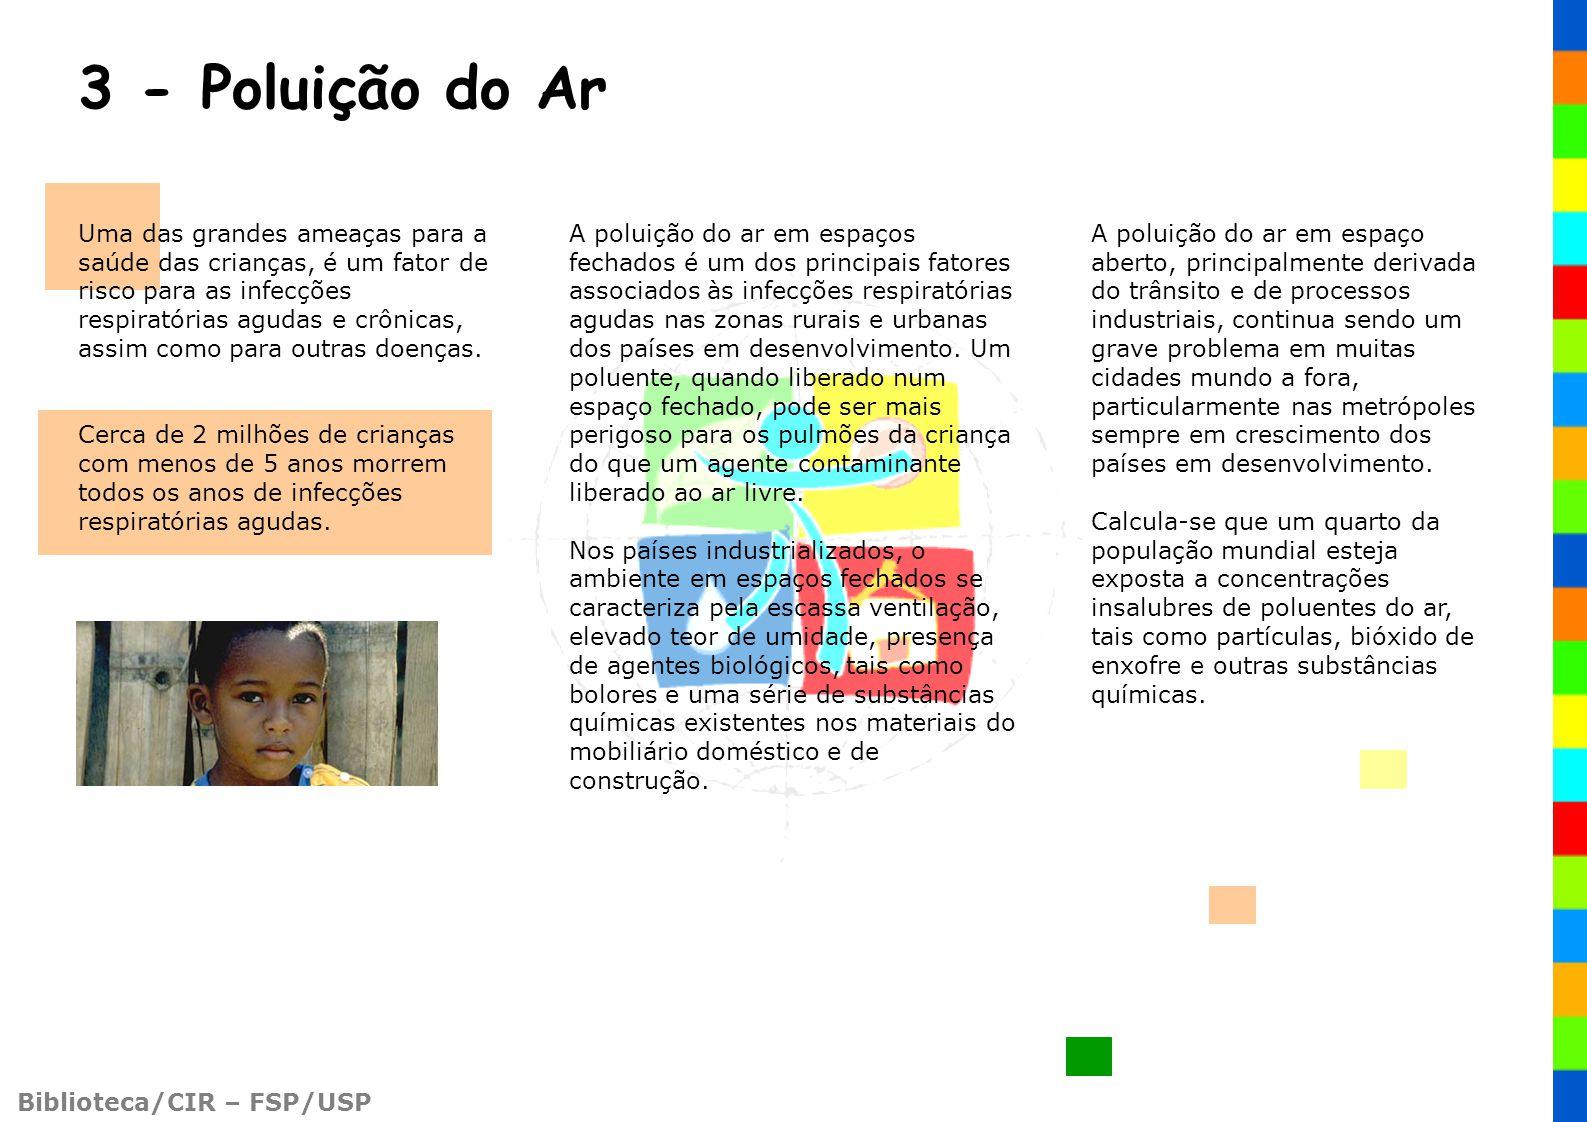 3 - Poluição do Ar